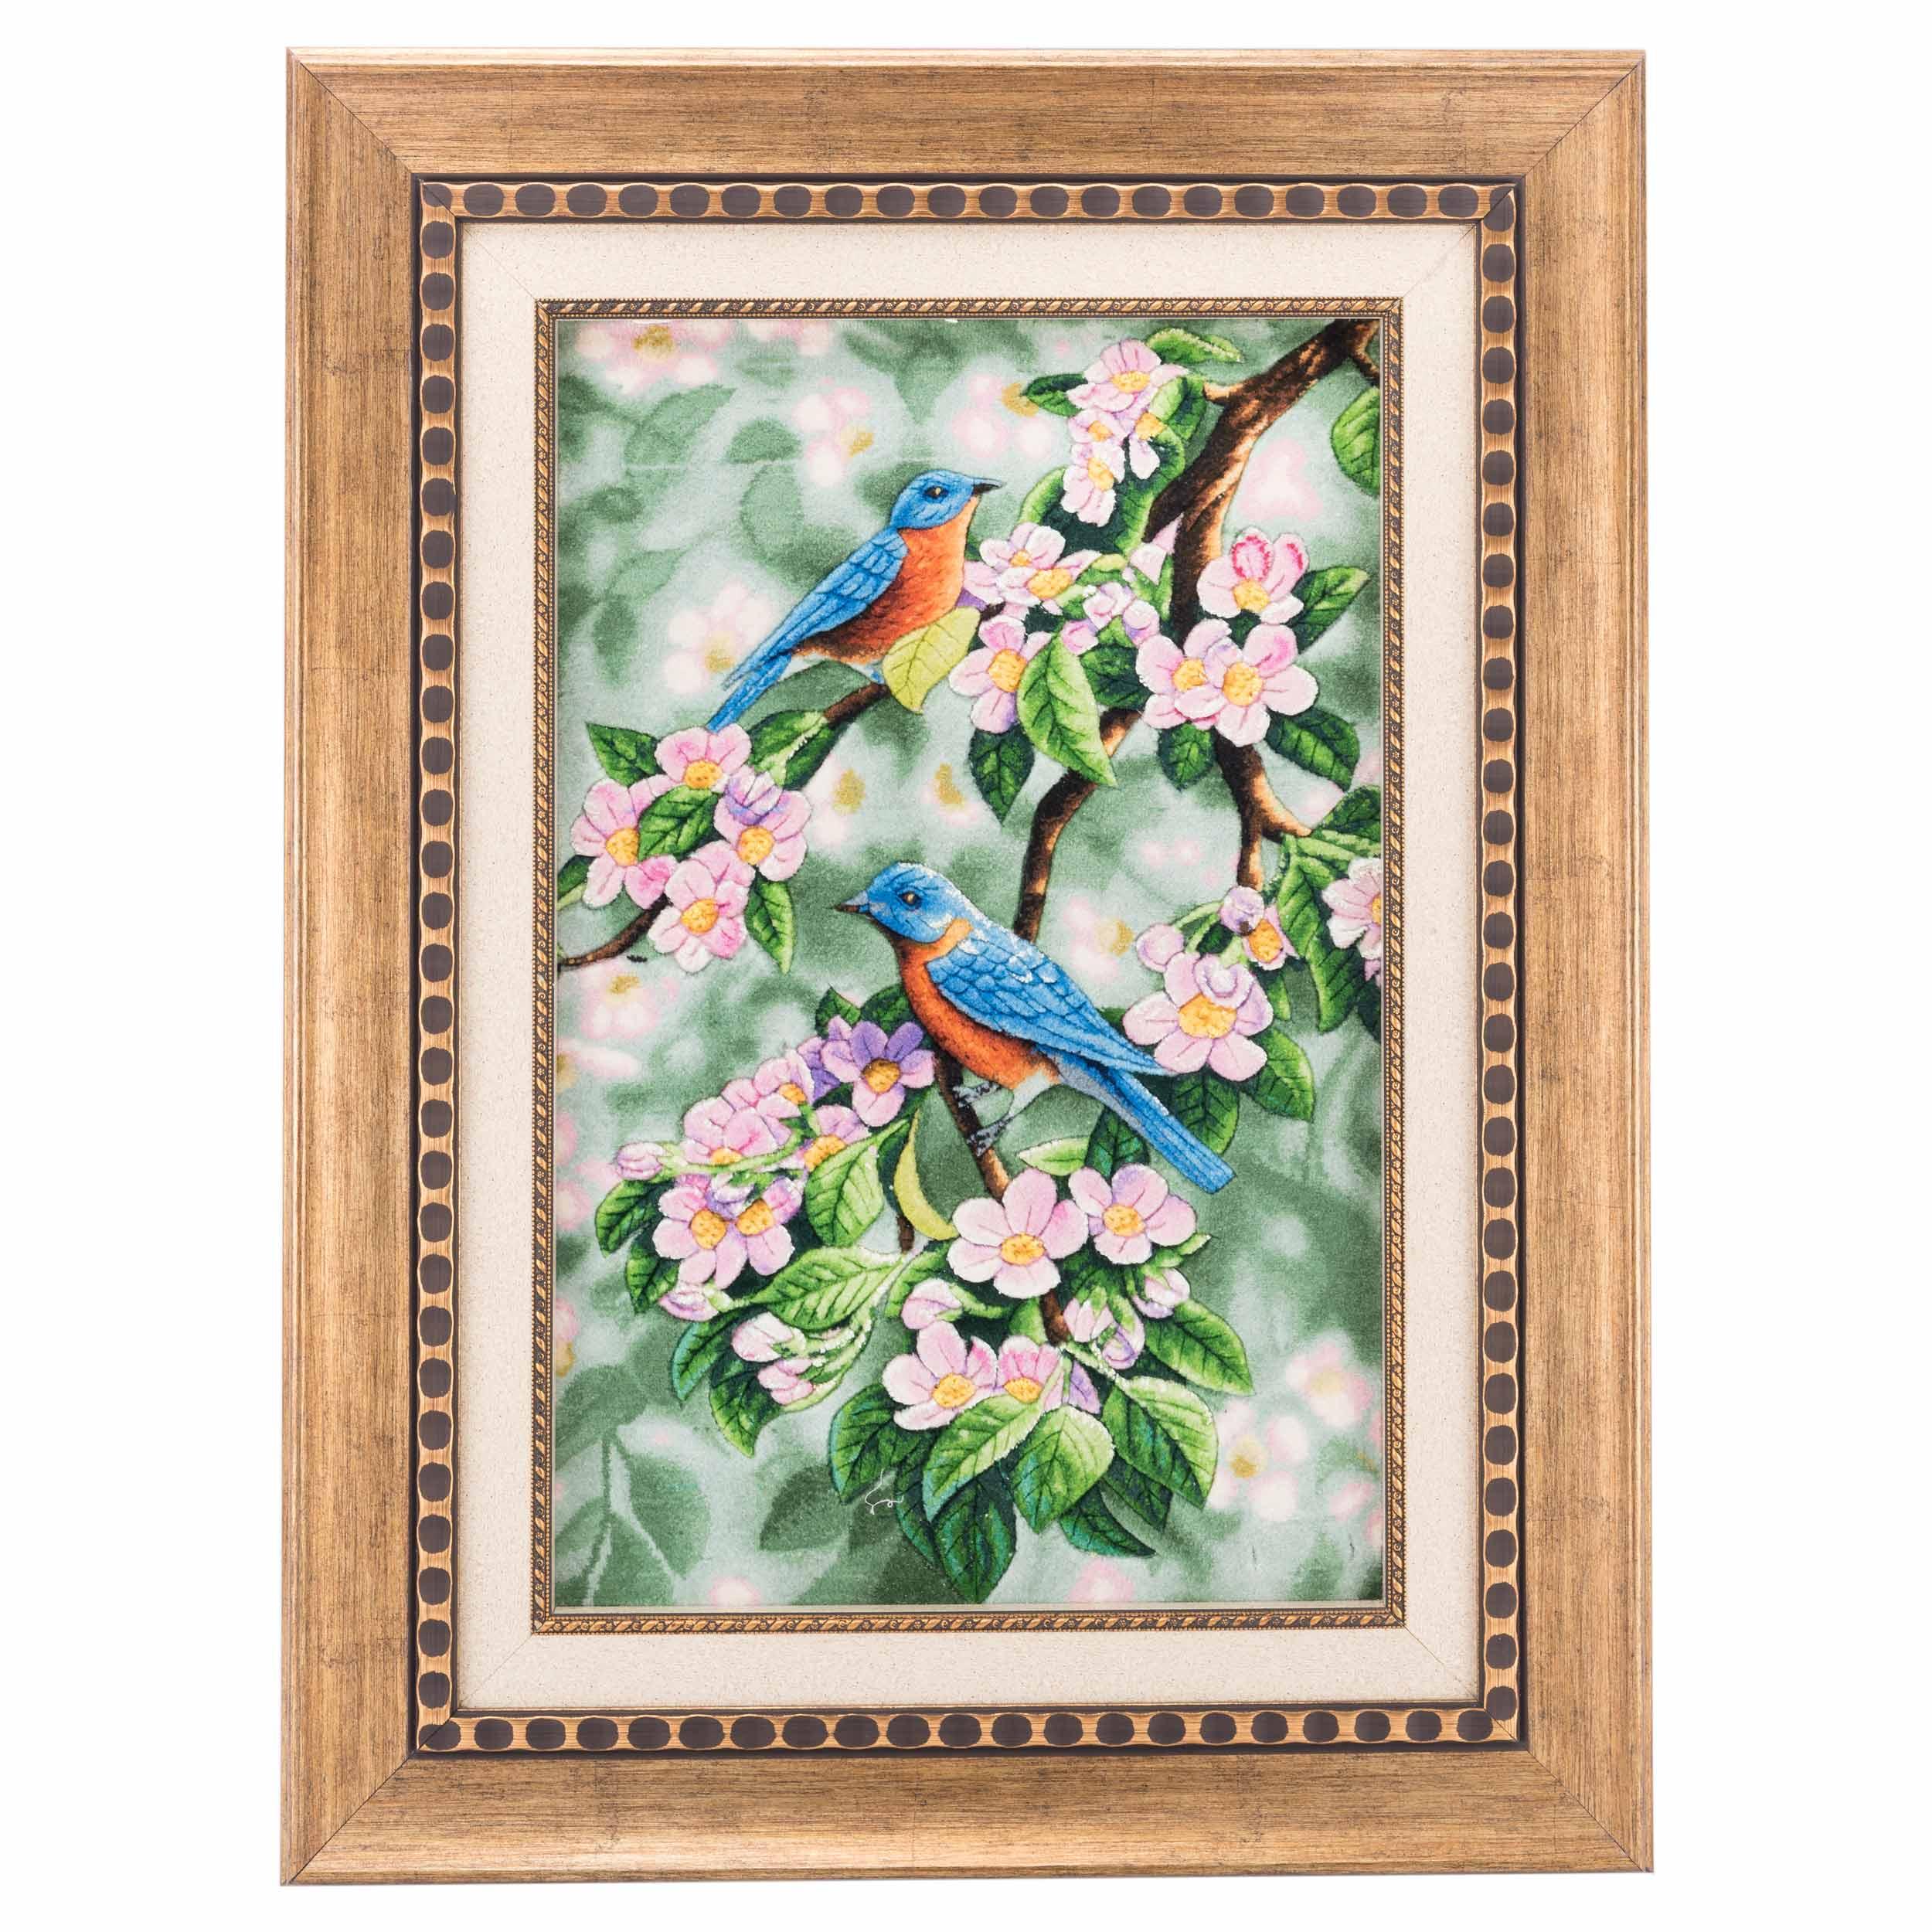 تابلو فرش دستباف پرنده شکوفه سی پرشیا کد 901356